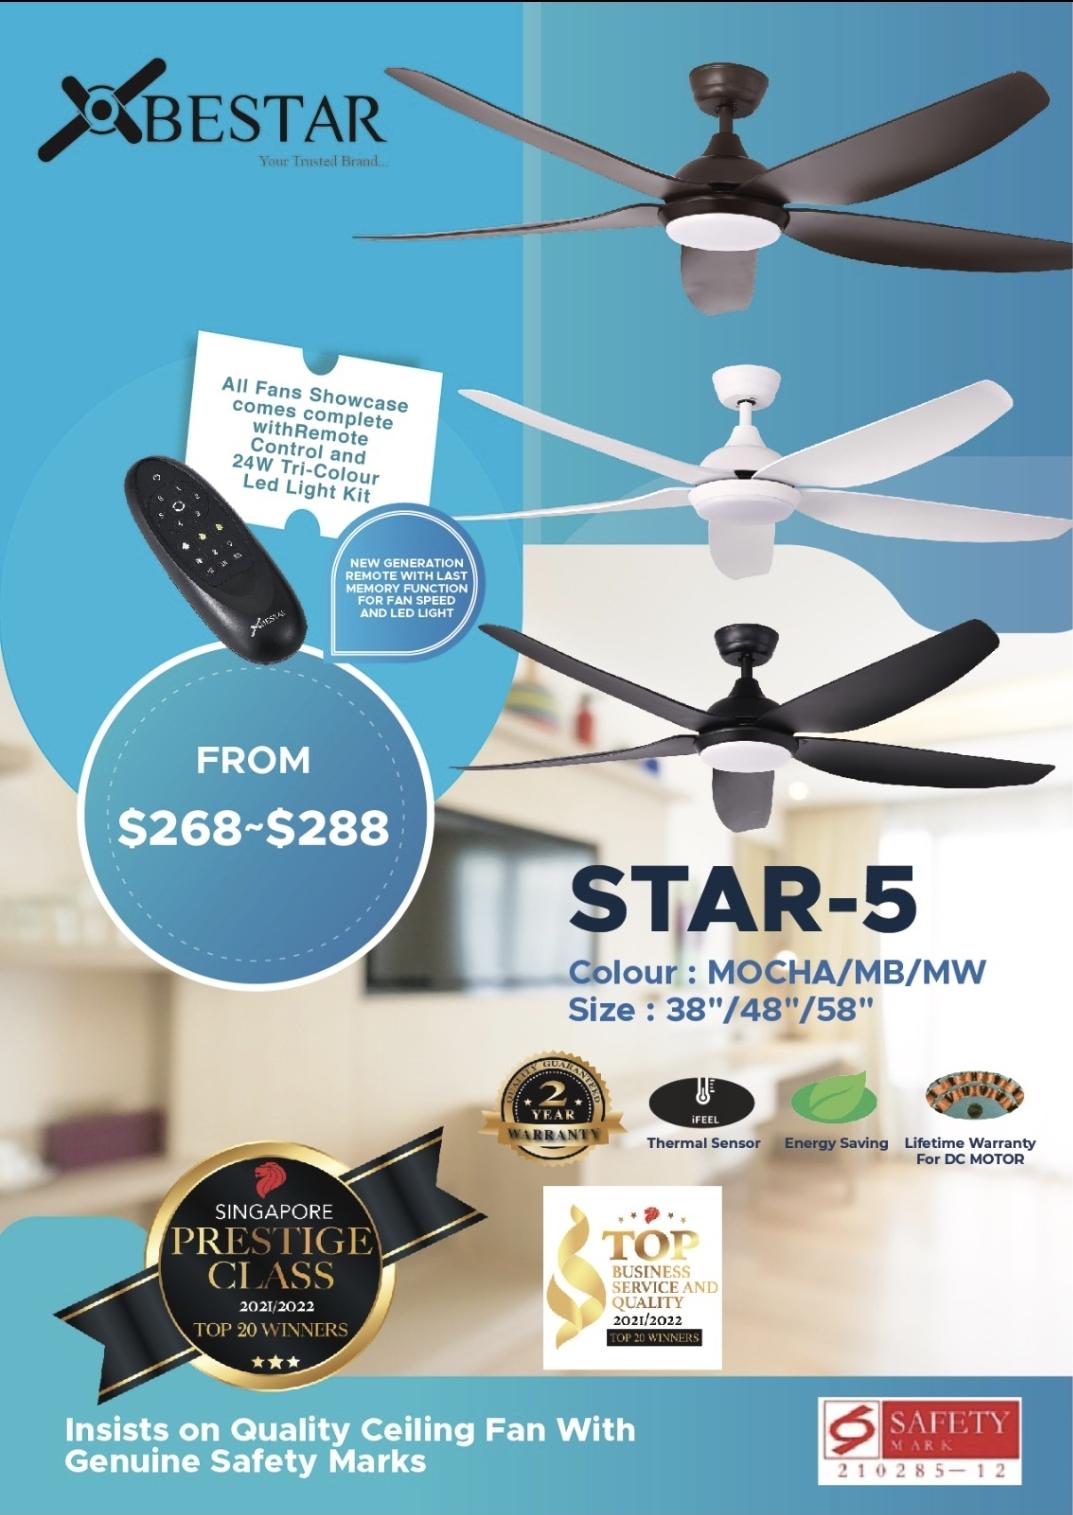 bestar-star-5-poster-sembawang-lighting-house.jpg